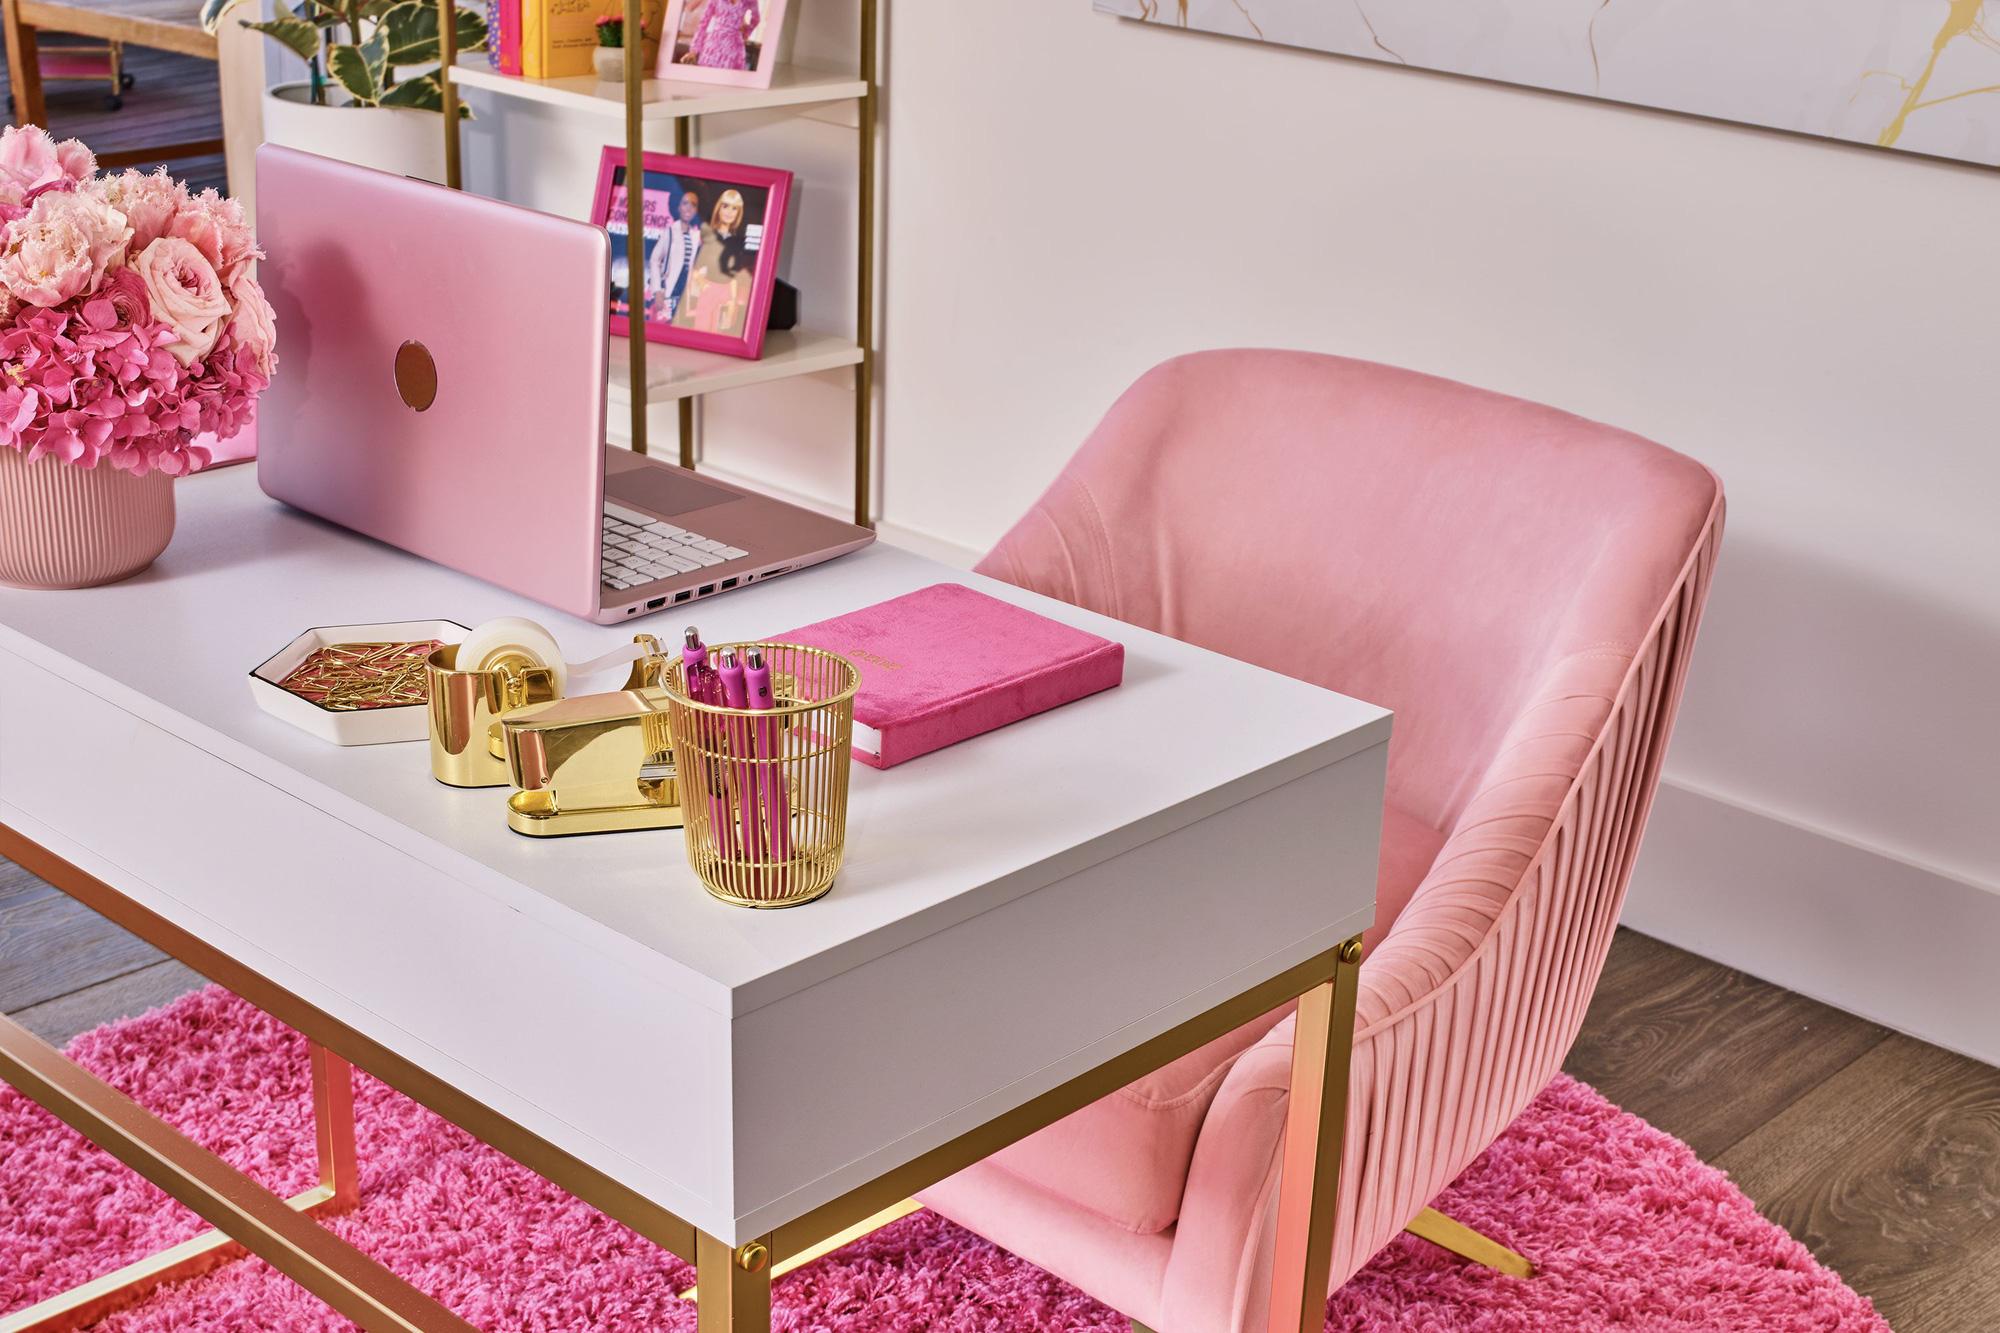 Ngôi nhà búp bê Barbie phiên bản hàng thật với giá 1,3 triệu/đêm, các cô gái nhanh tay xách vali lên nào - Ảnh 10.